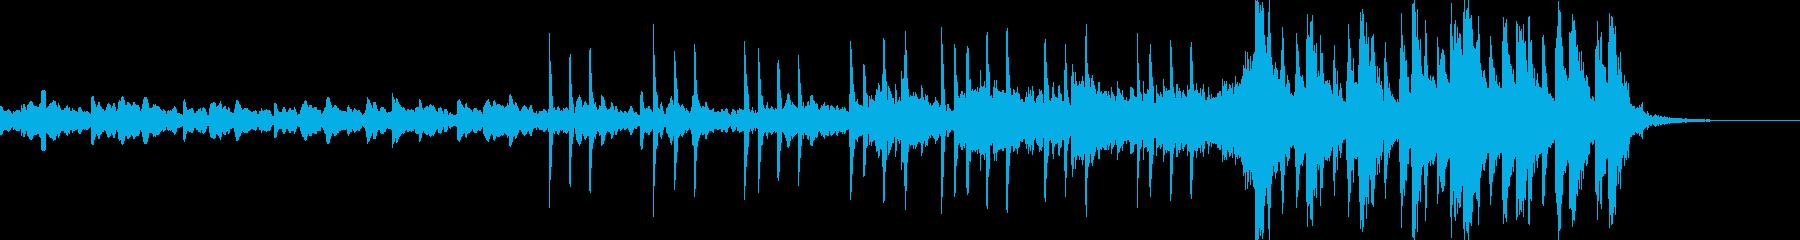 30秒動画用のオープニング音楽の再生済みの波形